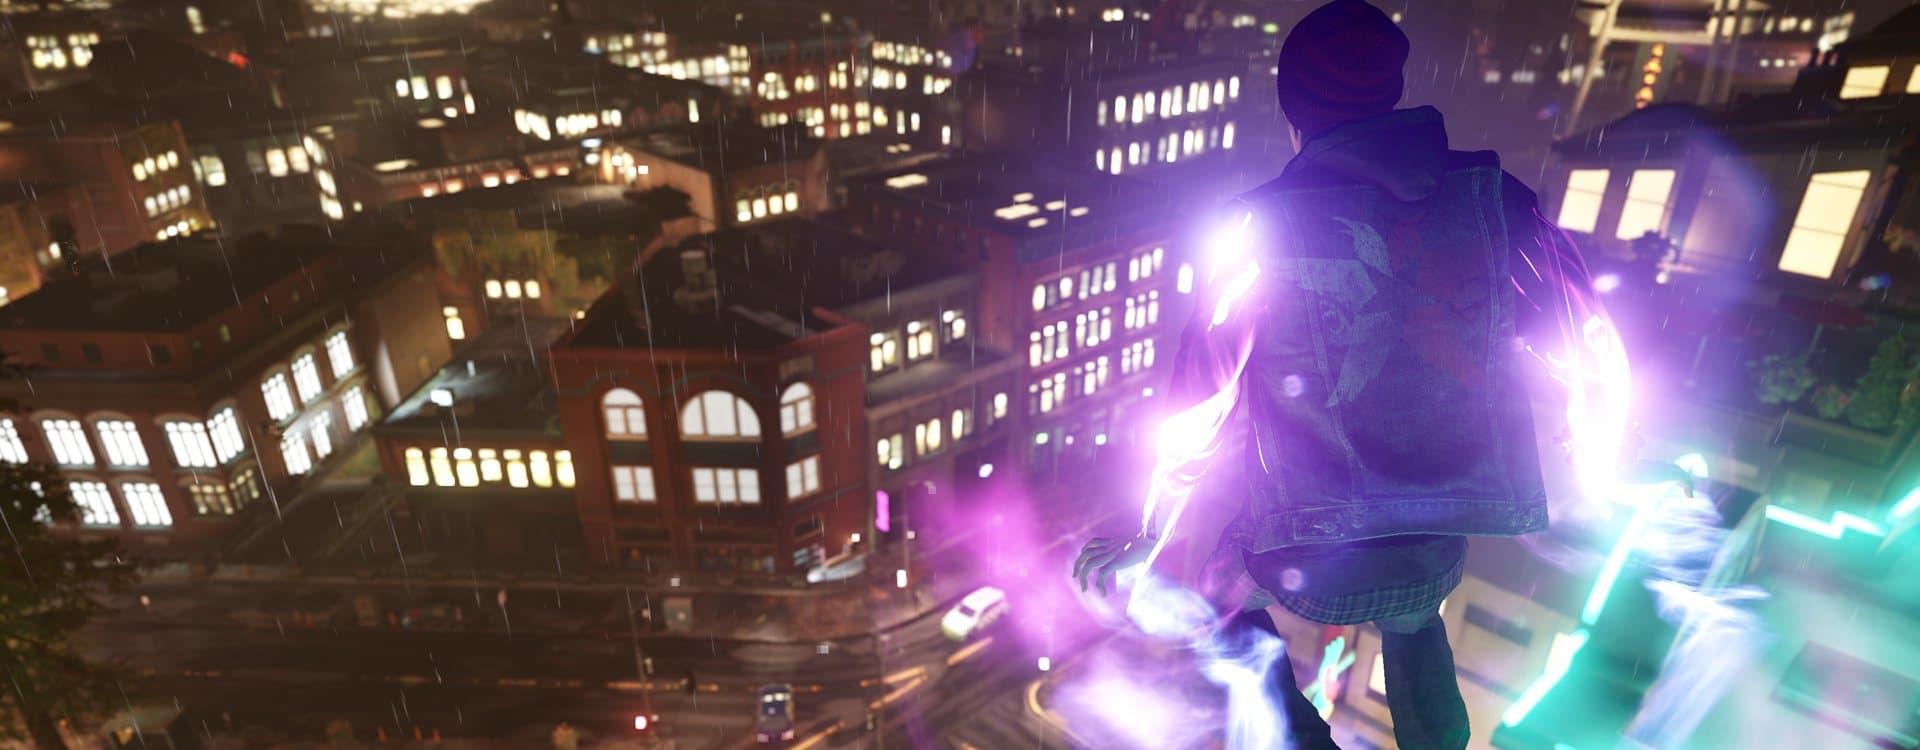 В играх серии inFamous игрок открывает и закрывает разные способности и сюжетные элементы, продвигаясь по шкале кармы